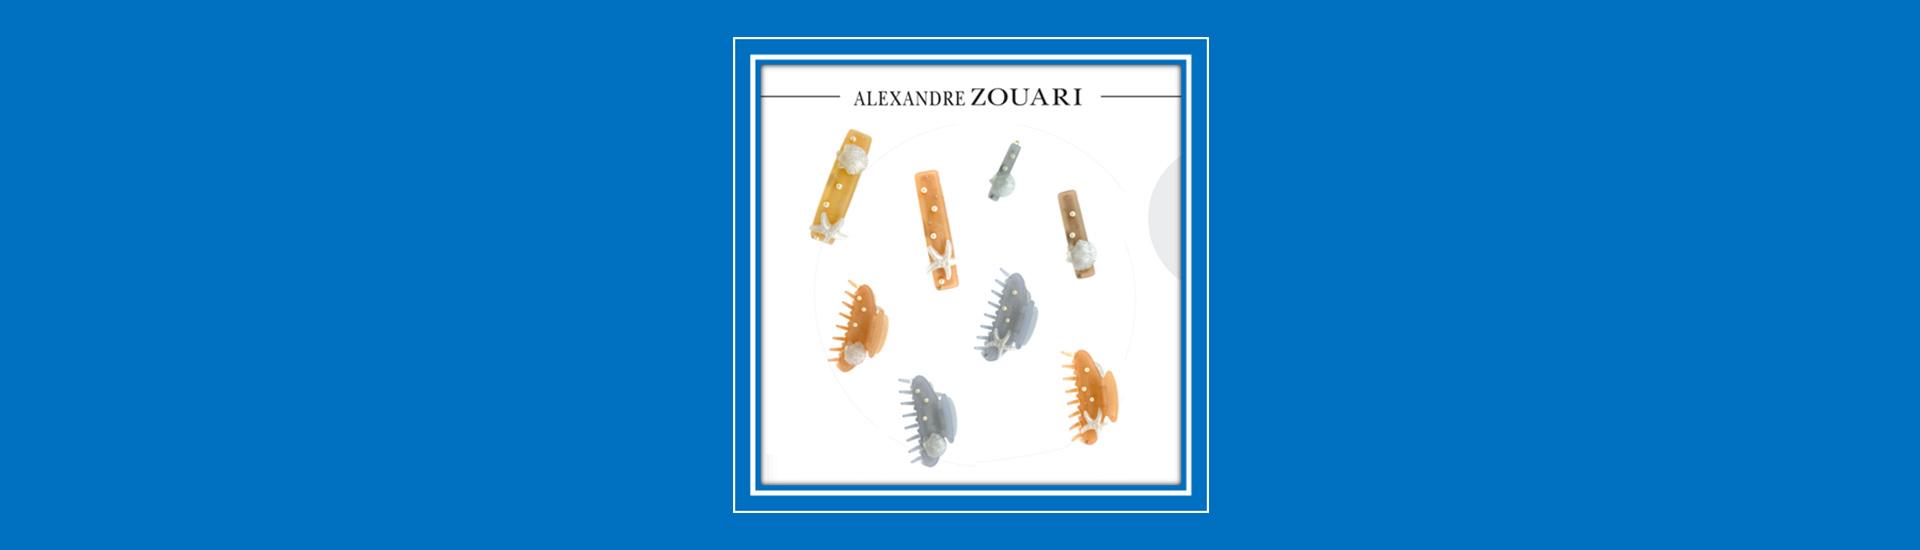 忠孝館4F Alexandre Zouari 2020 充滿海洋氣息的邂逅